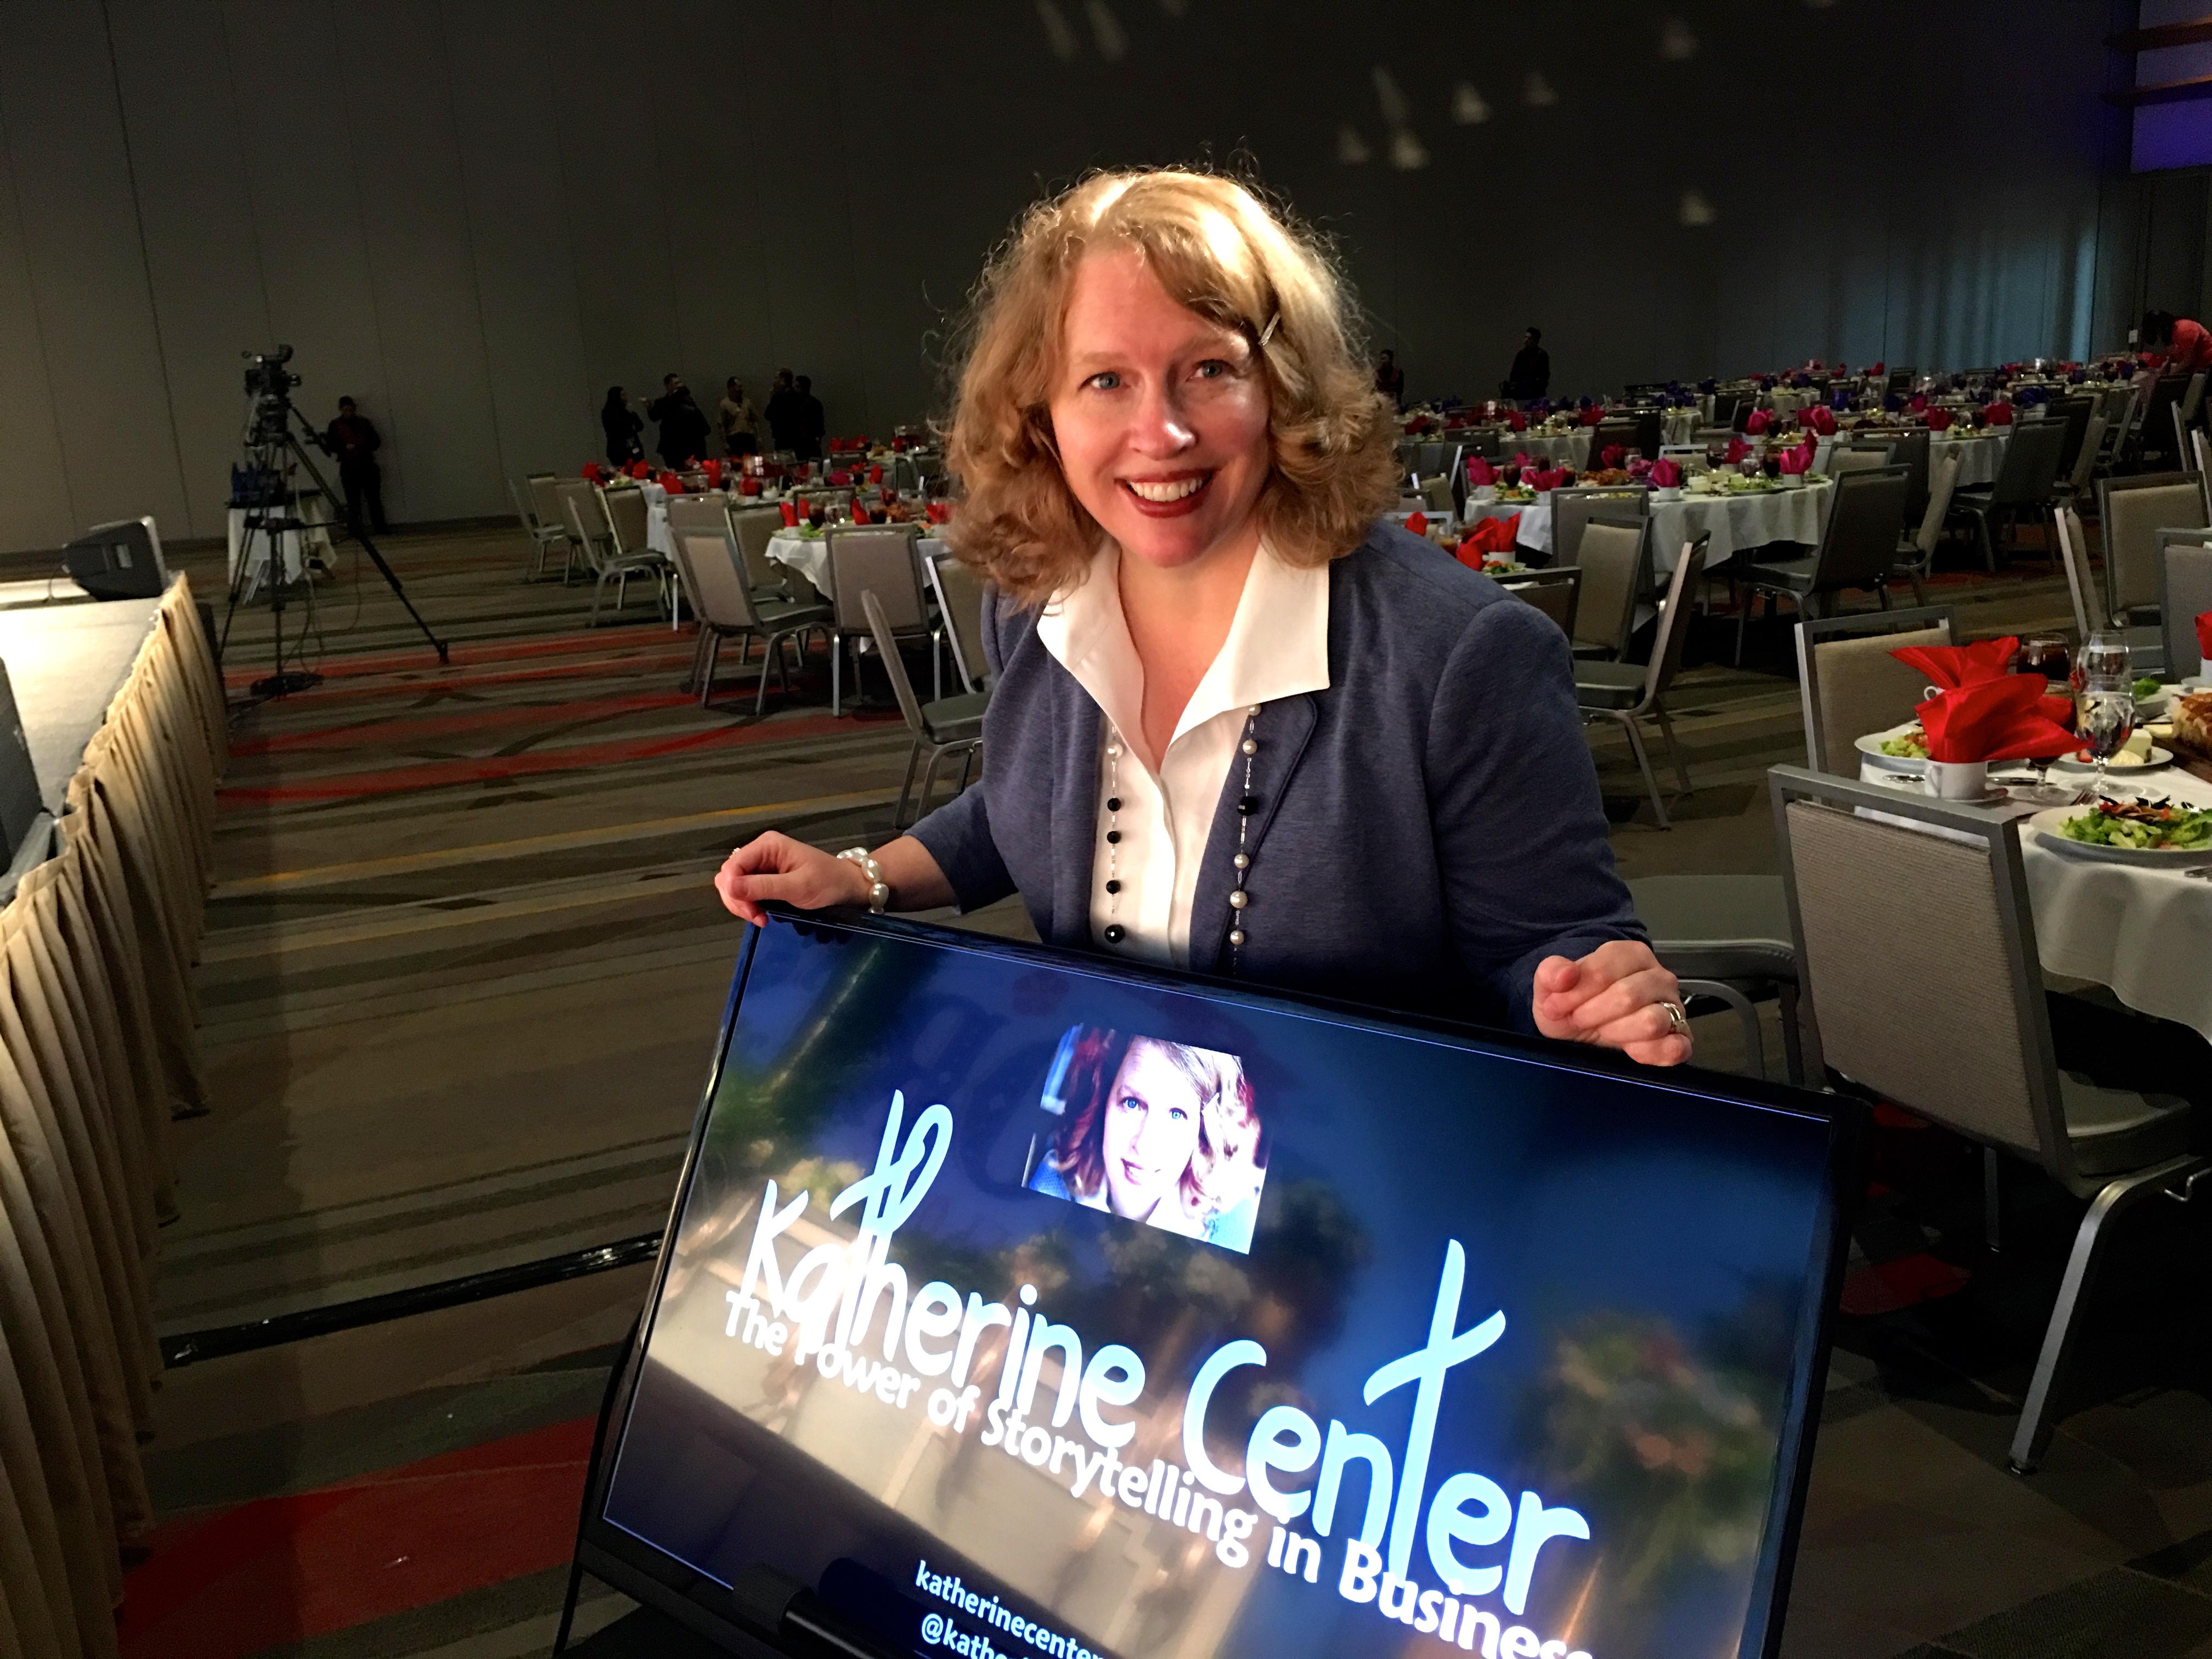 katherine center speaking, speaker